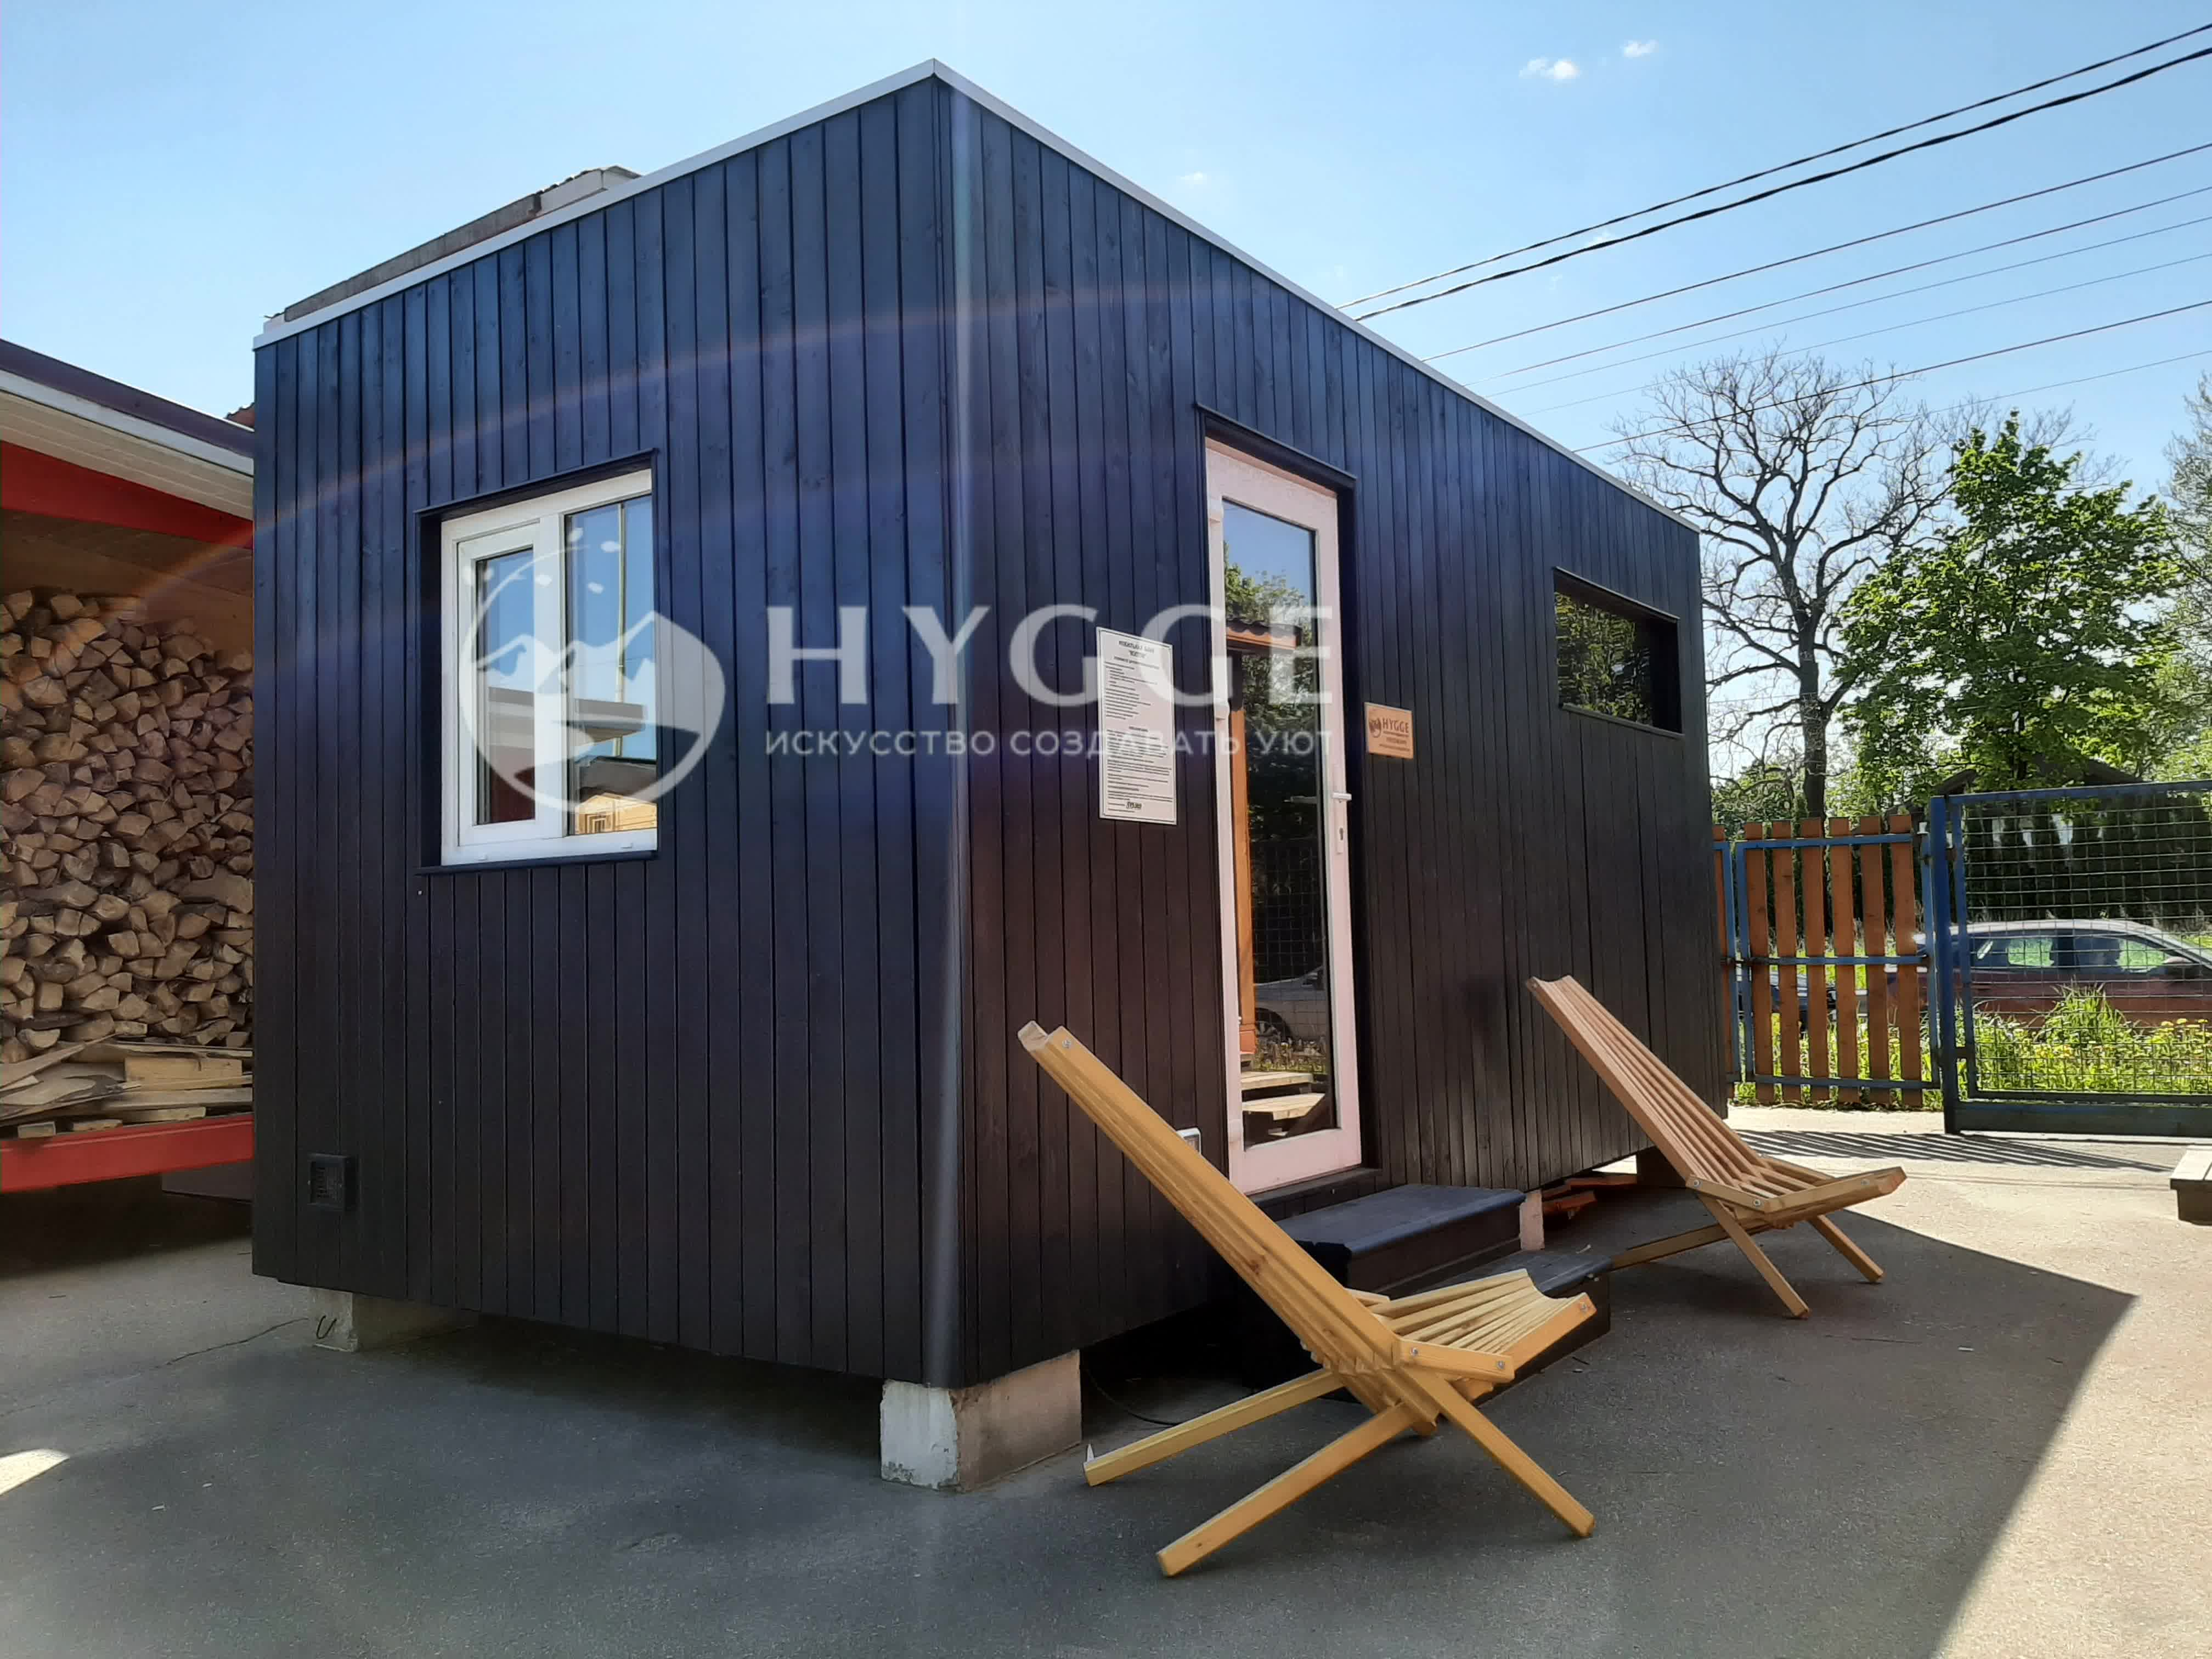 Купить каркасный дом Hygge